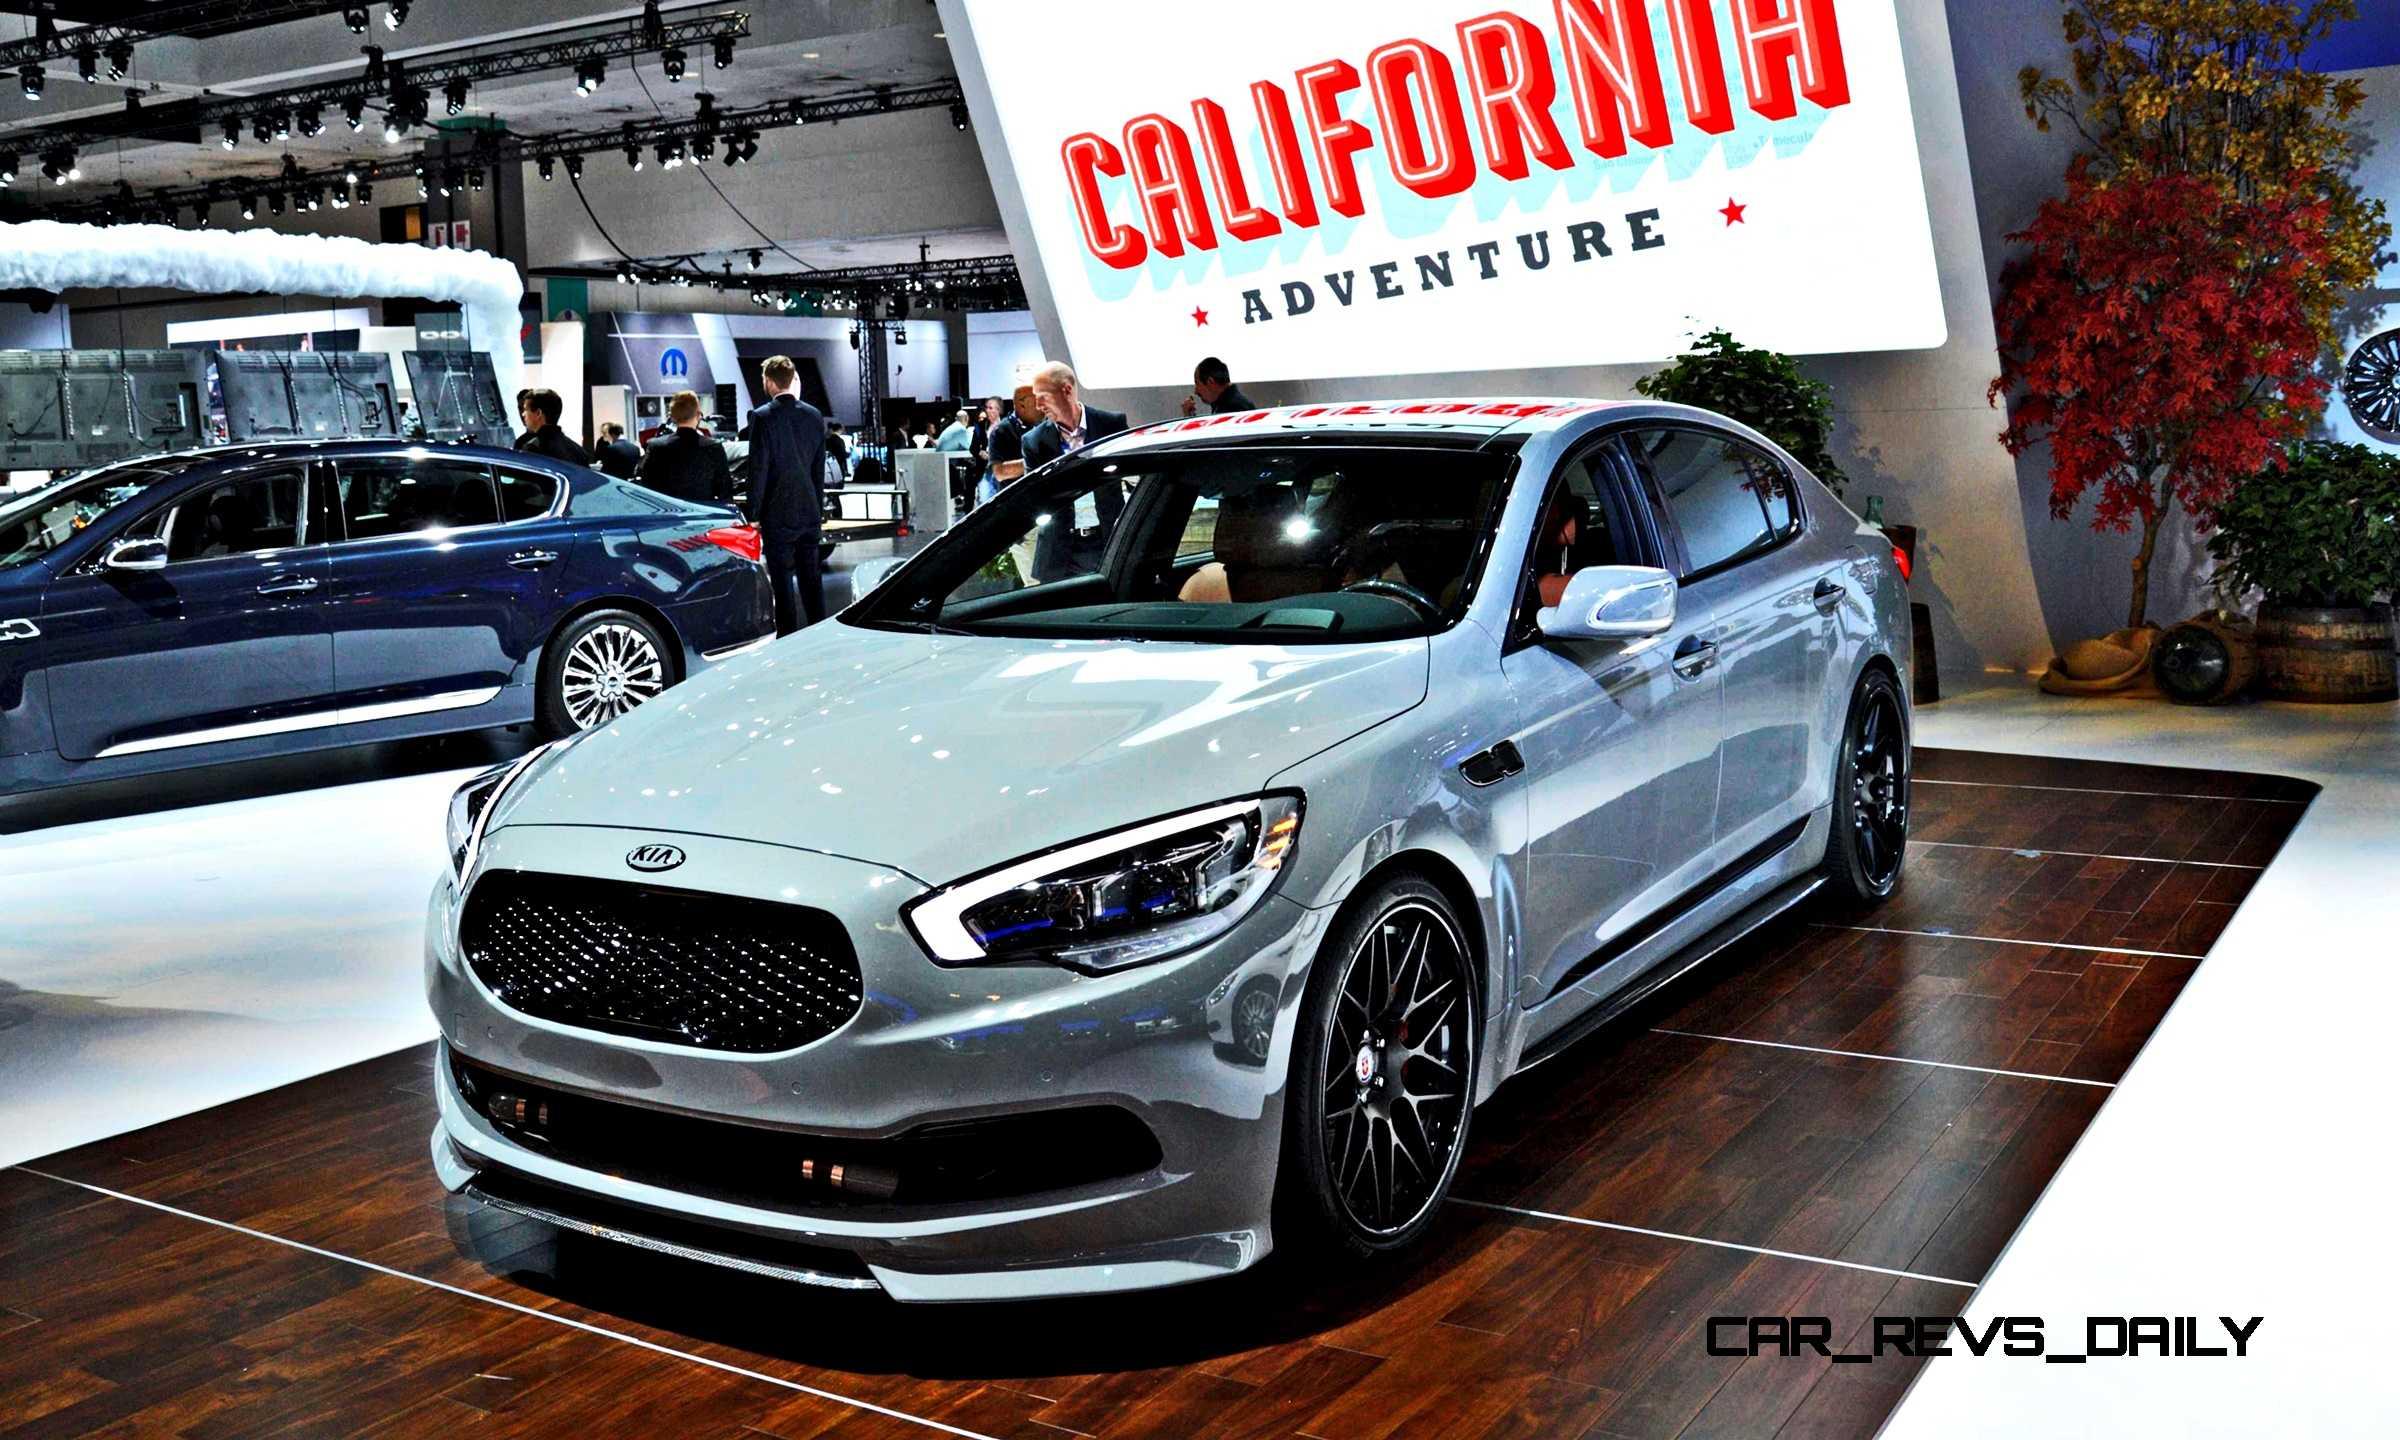 La Auto Show 2014 Photo Gallery